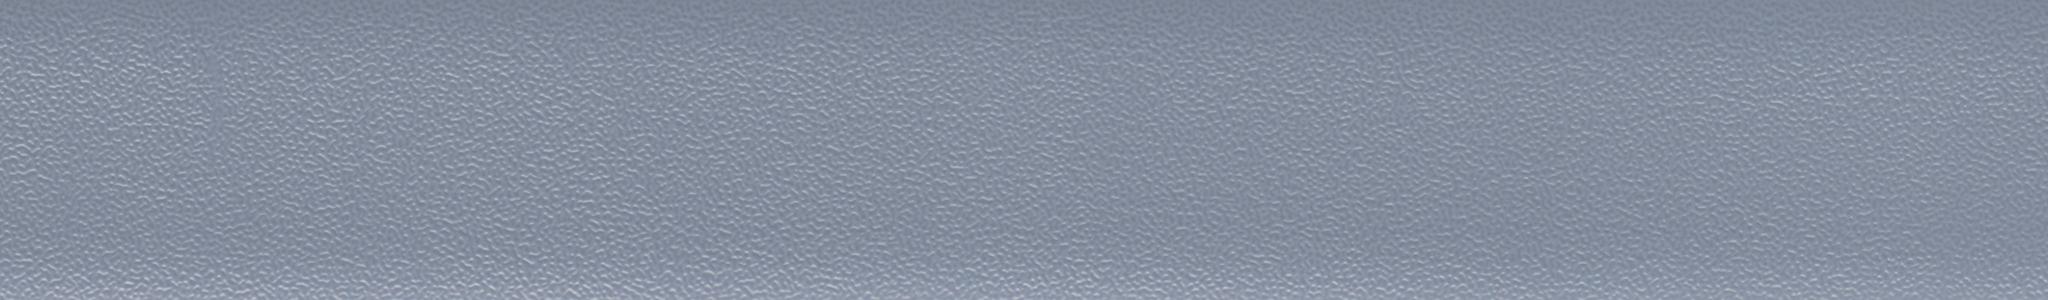 HU 177062 ABS Kante UNI Stahl Grau perl 101